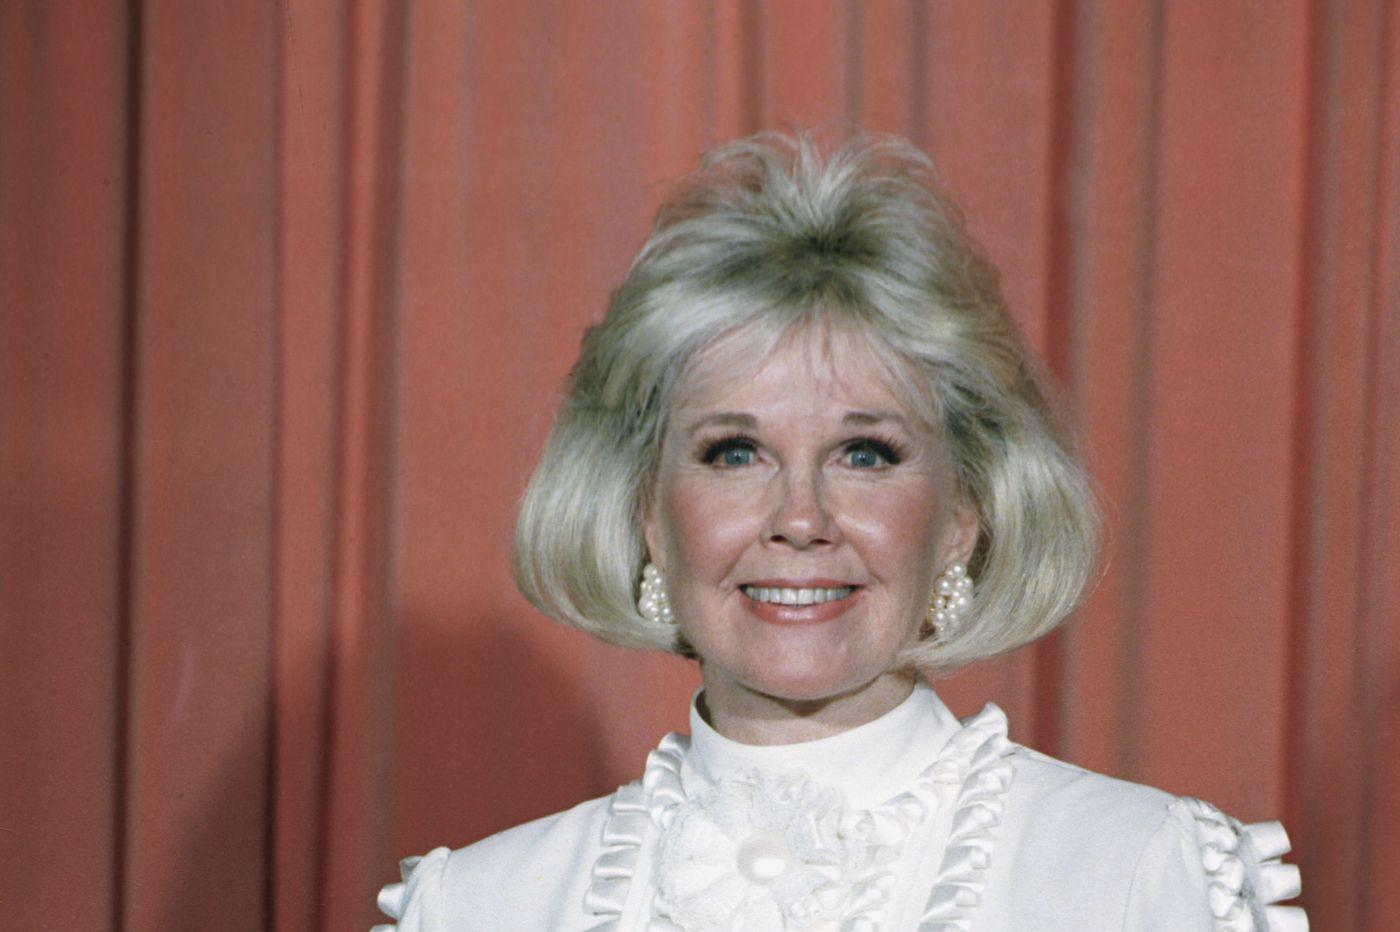 Actress Doris Day dies at 97